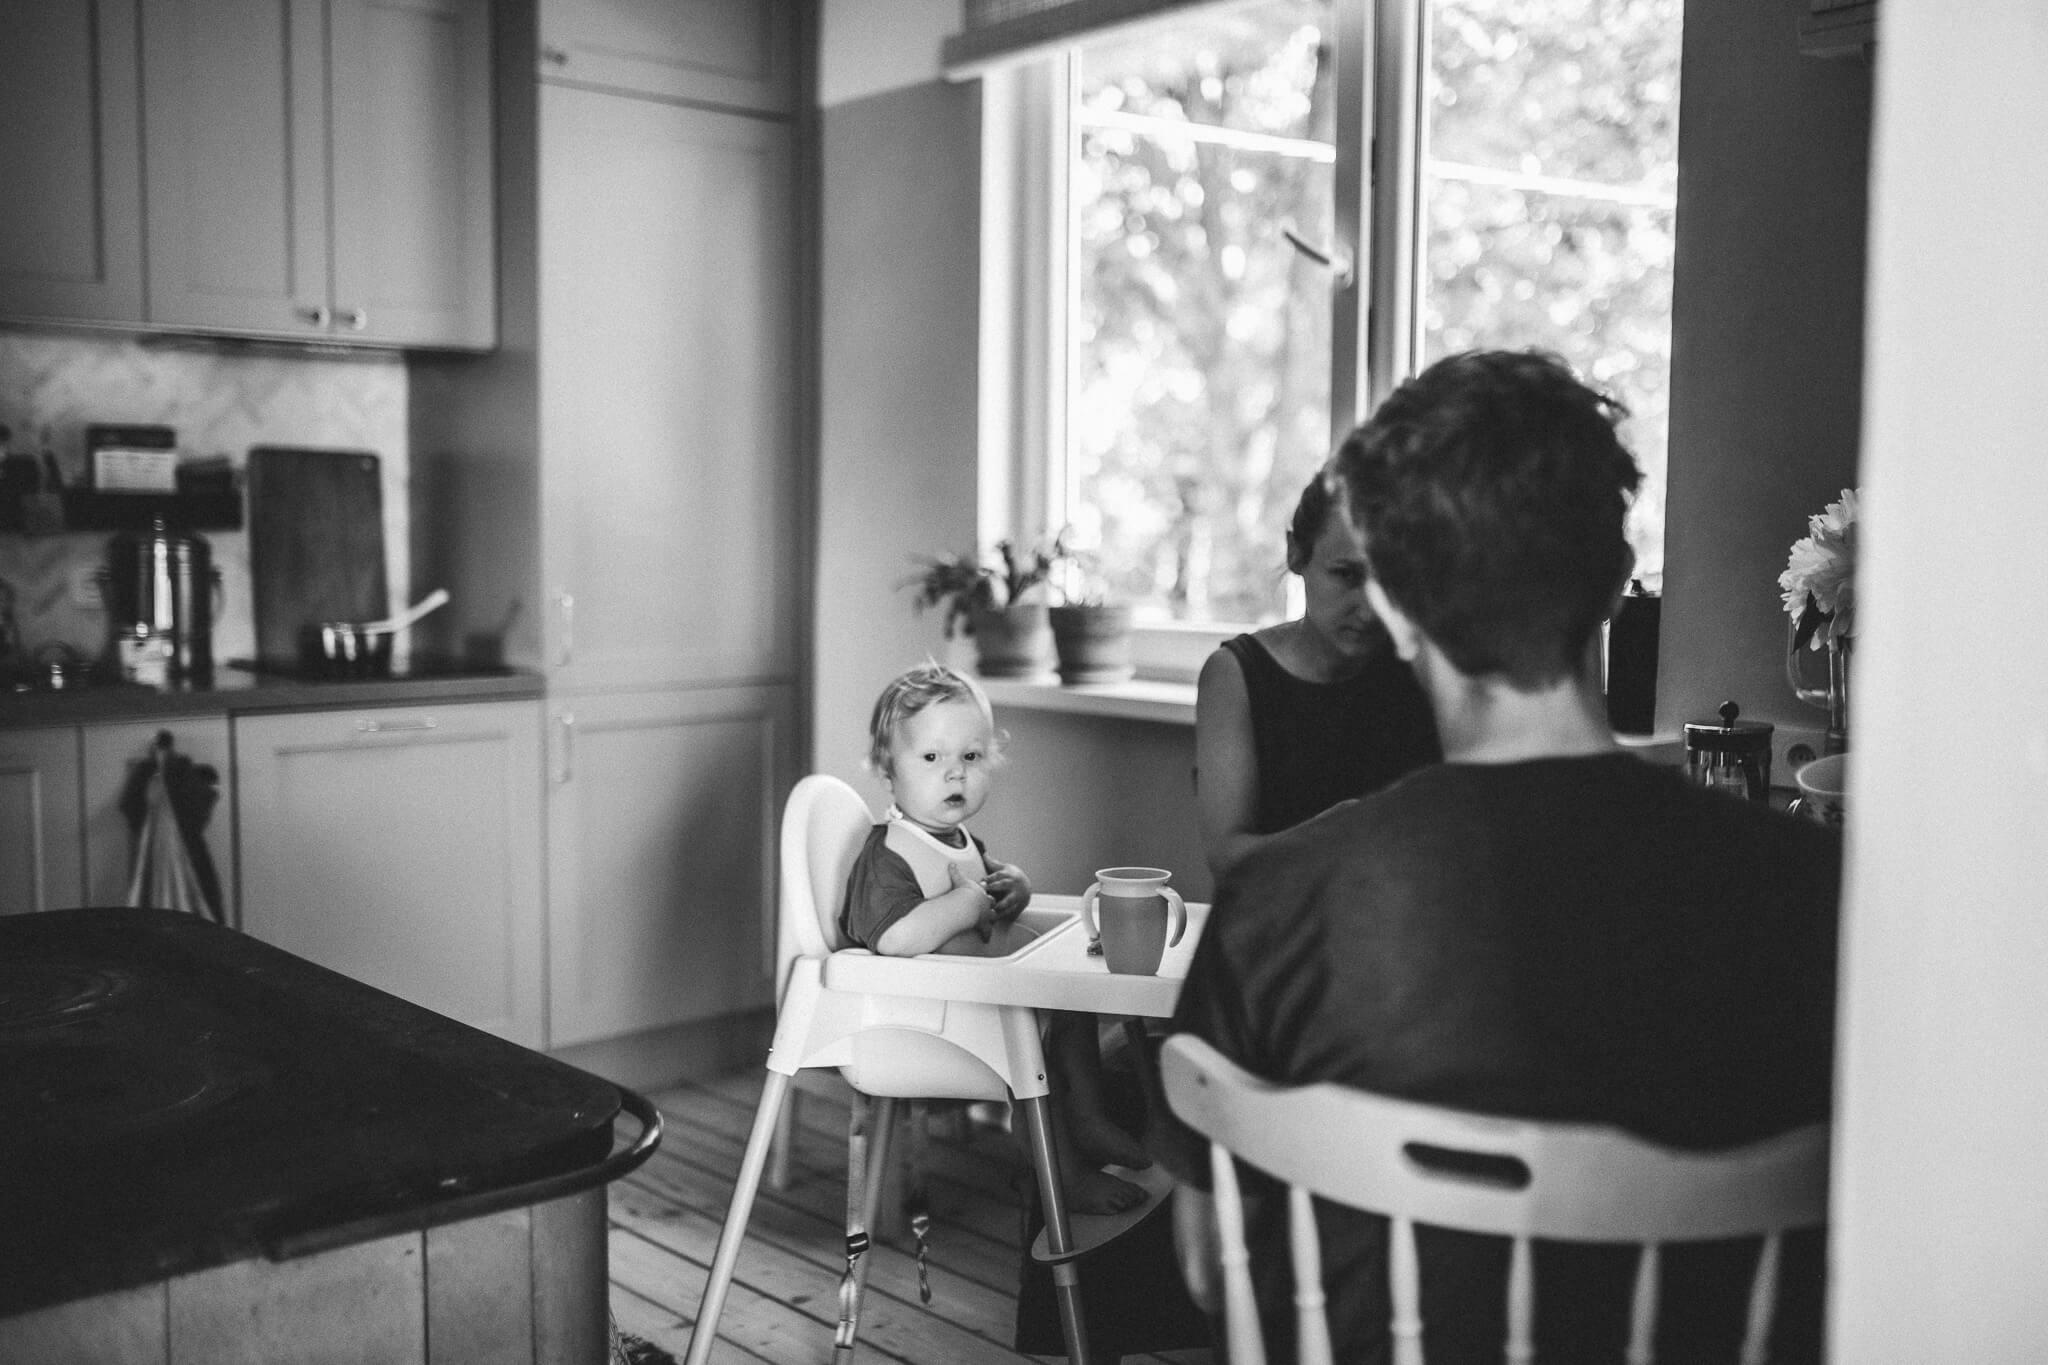 Doumentalistlik perepilt köögist, ema, isa ja beebi söövad putru, fookuses on laps söögitoolis.